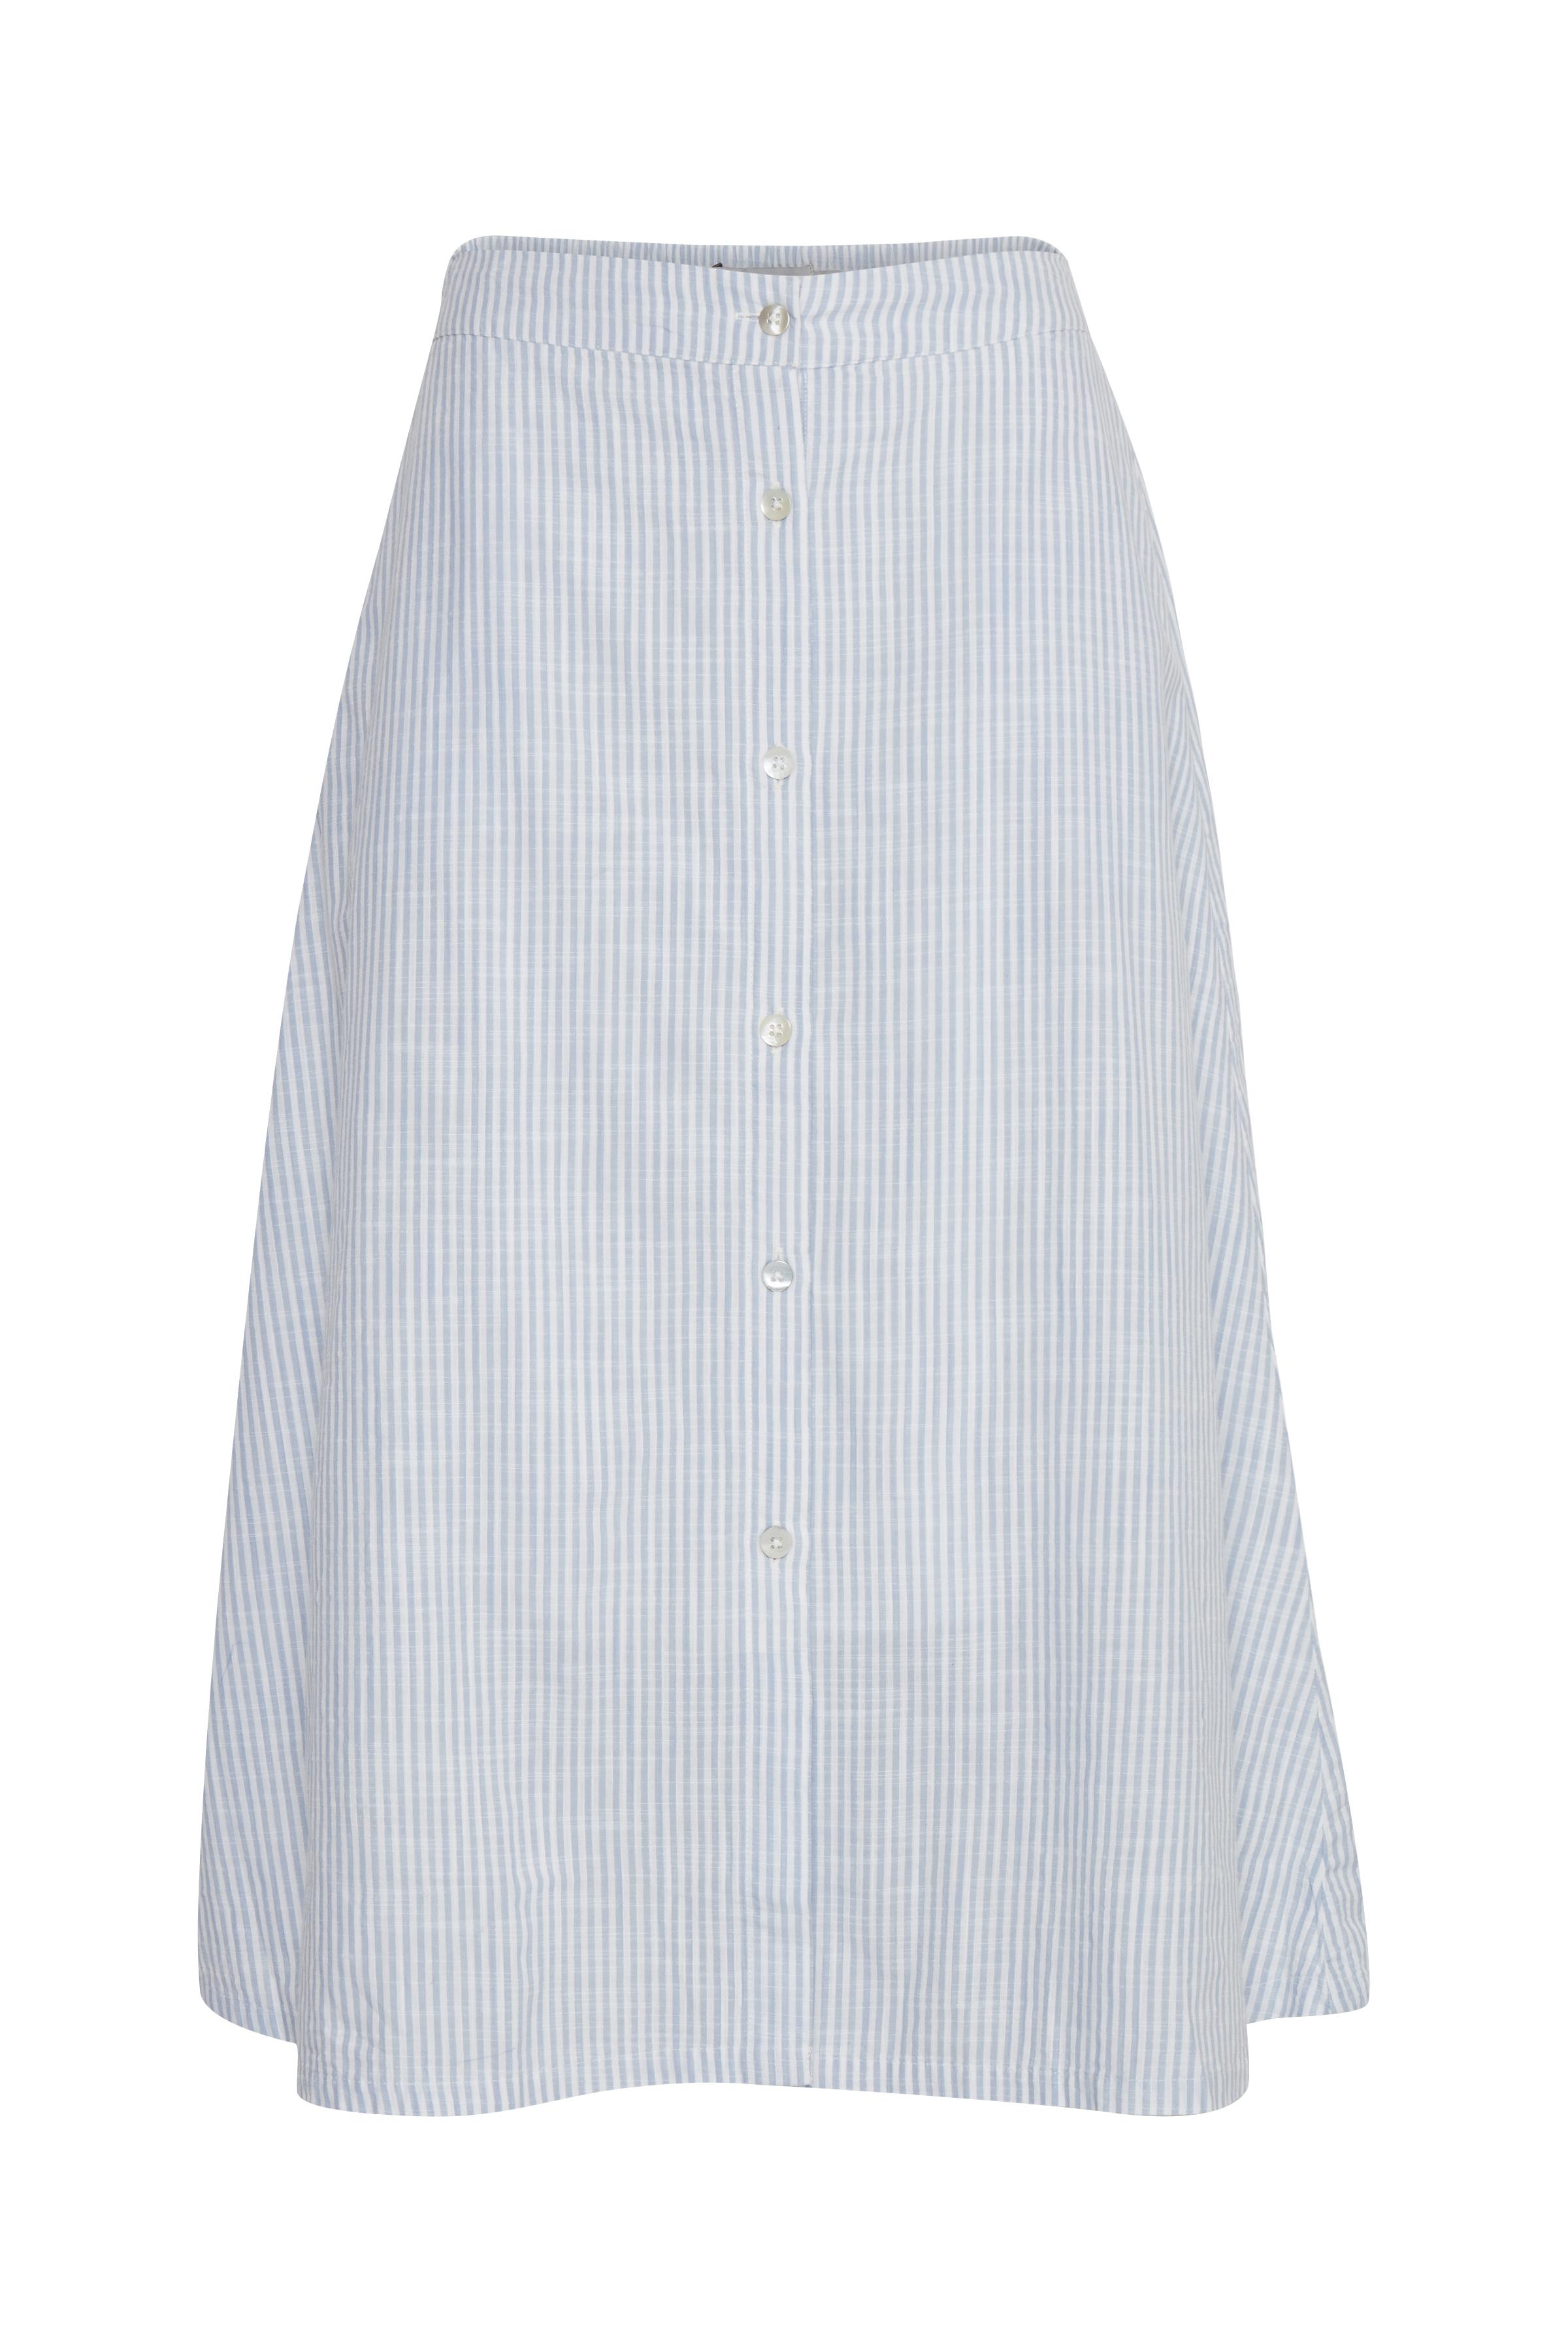 Della Robbia Blue Stripe Nederdel – Køb Della Robbia Blue Stripe Nederdel fra str. 34-42 her